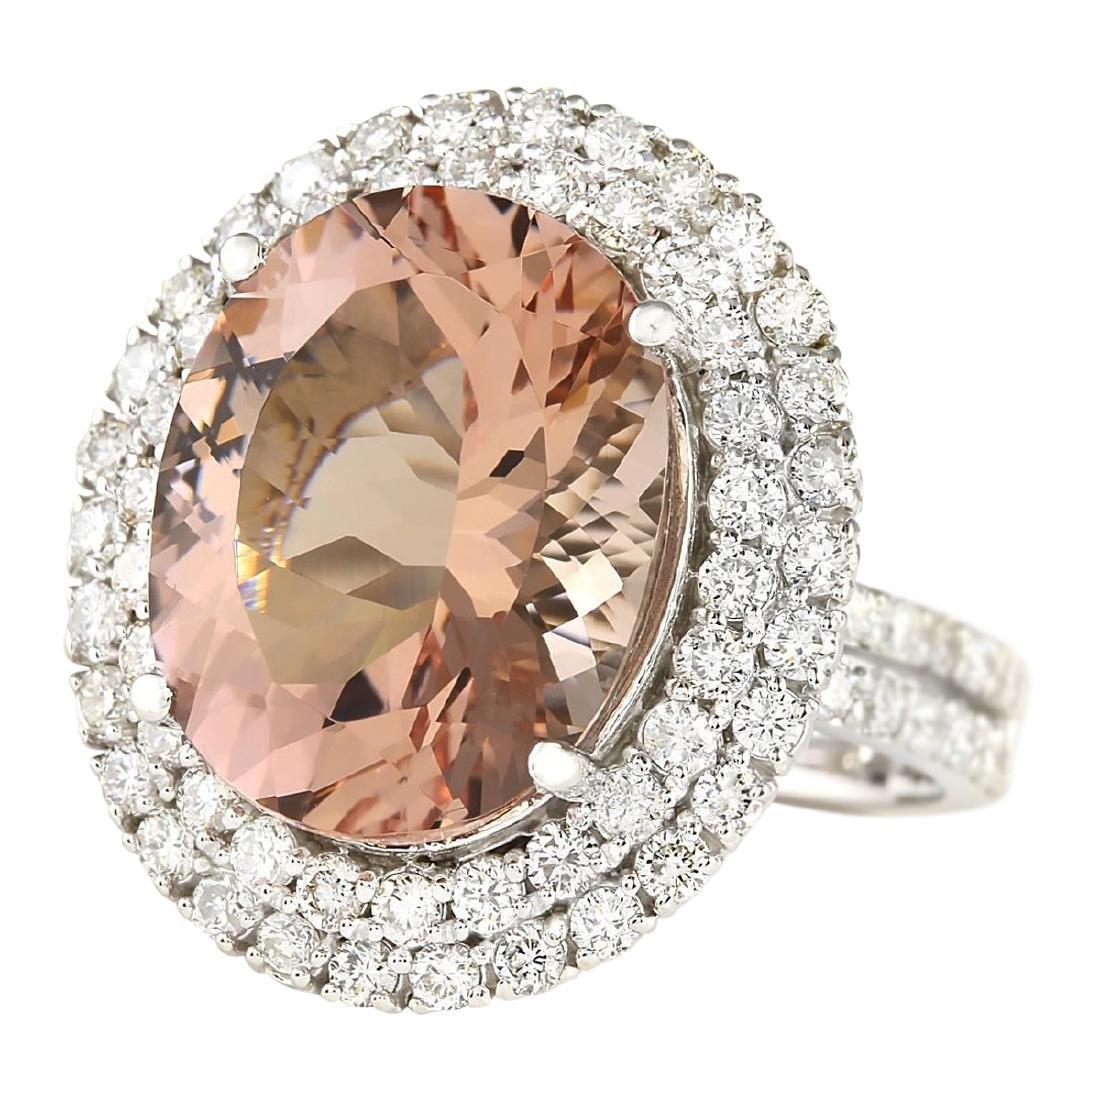 11.53 CTW Natural Morganite And Diamond Ring In 18K - 2